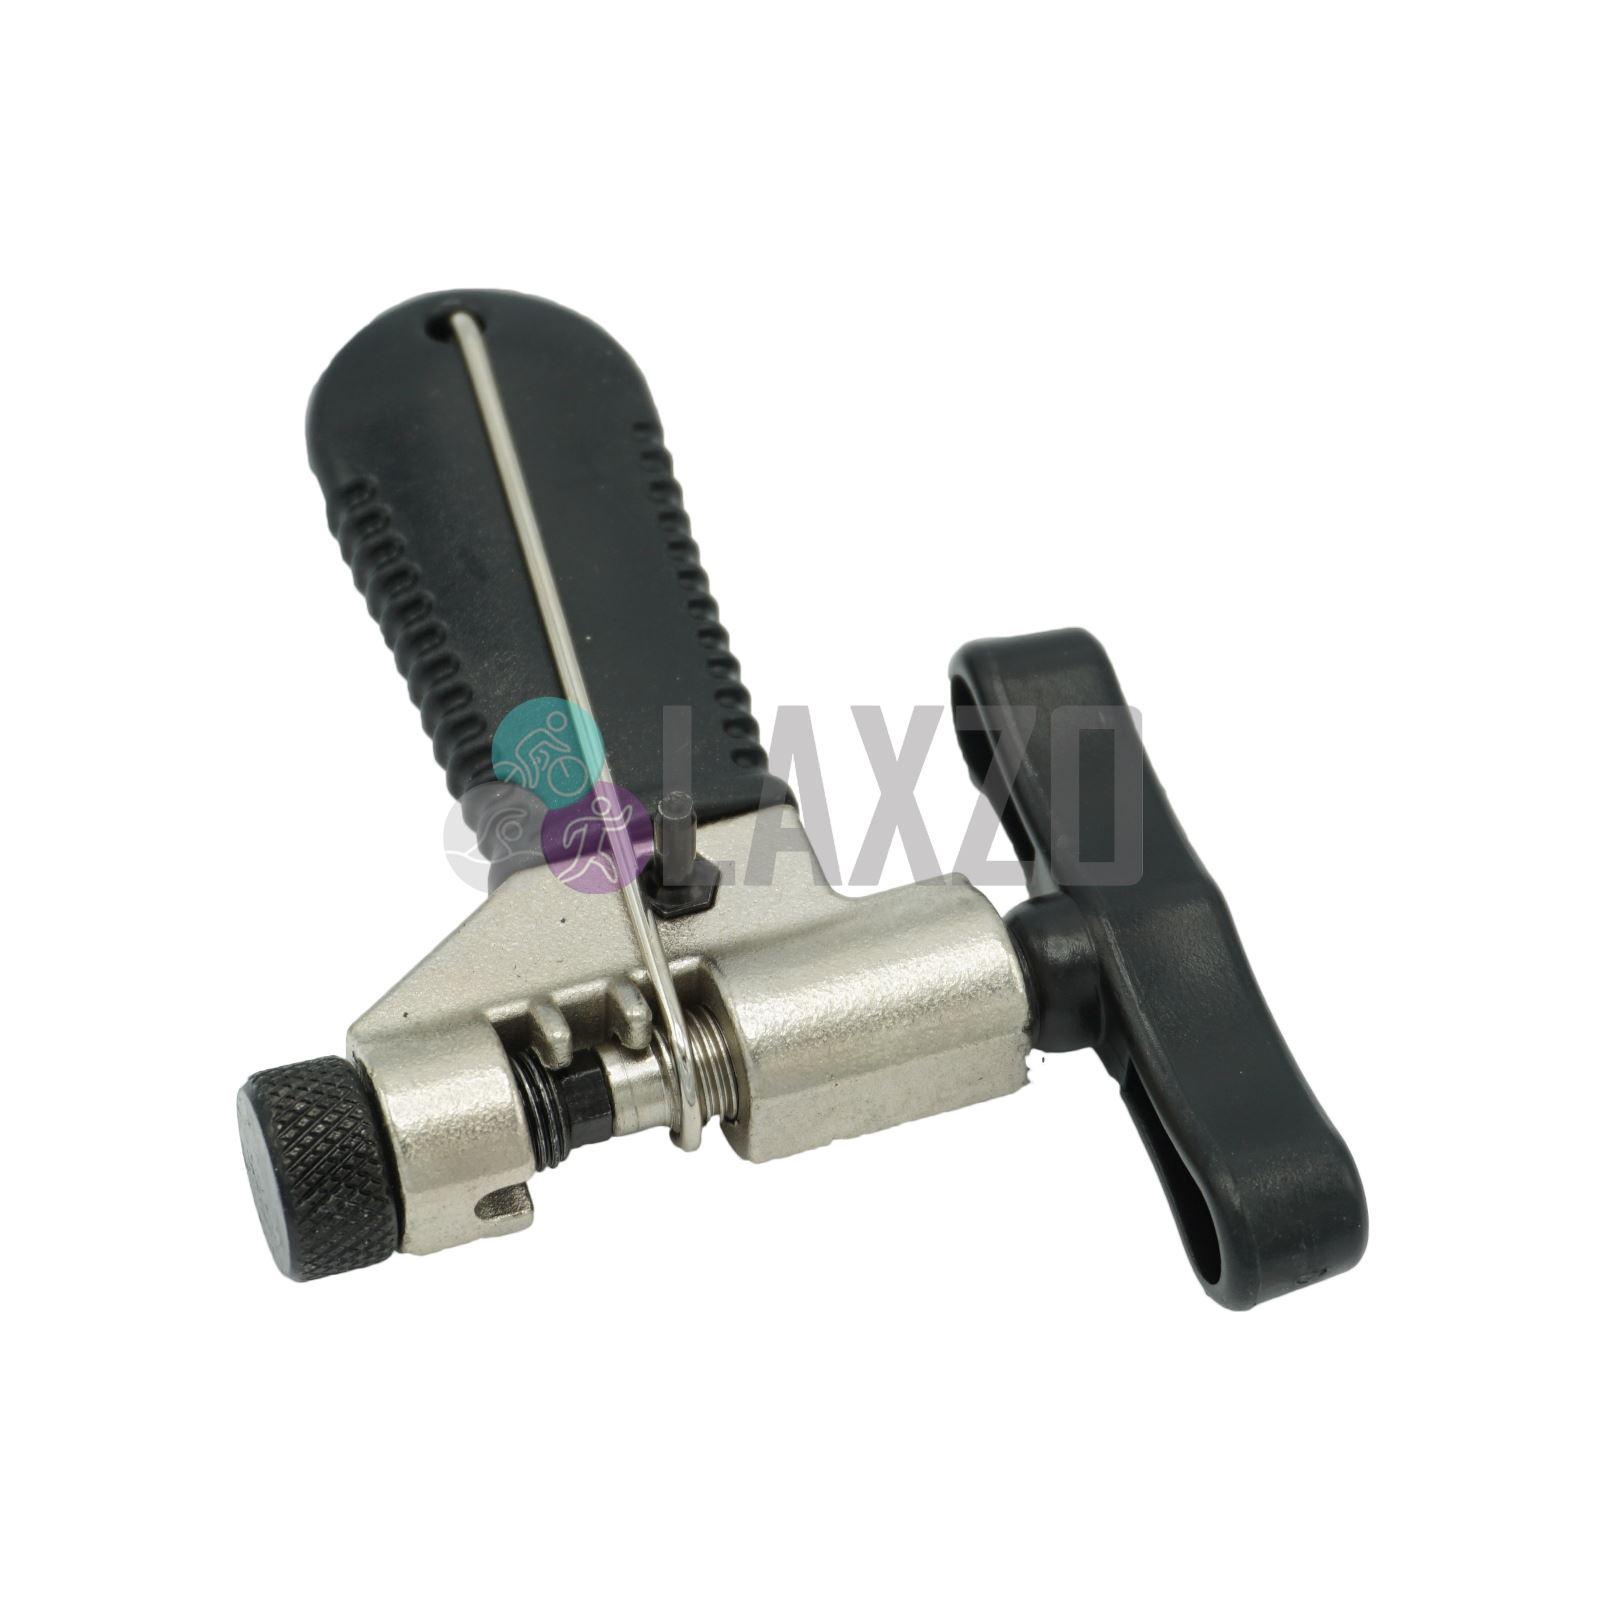 Vélo Chaîne Splitter Cutter Réparation Breaker Acier Inoxydable Portable Outil